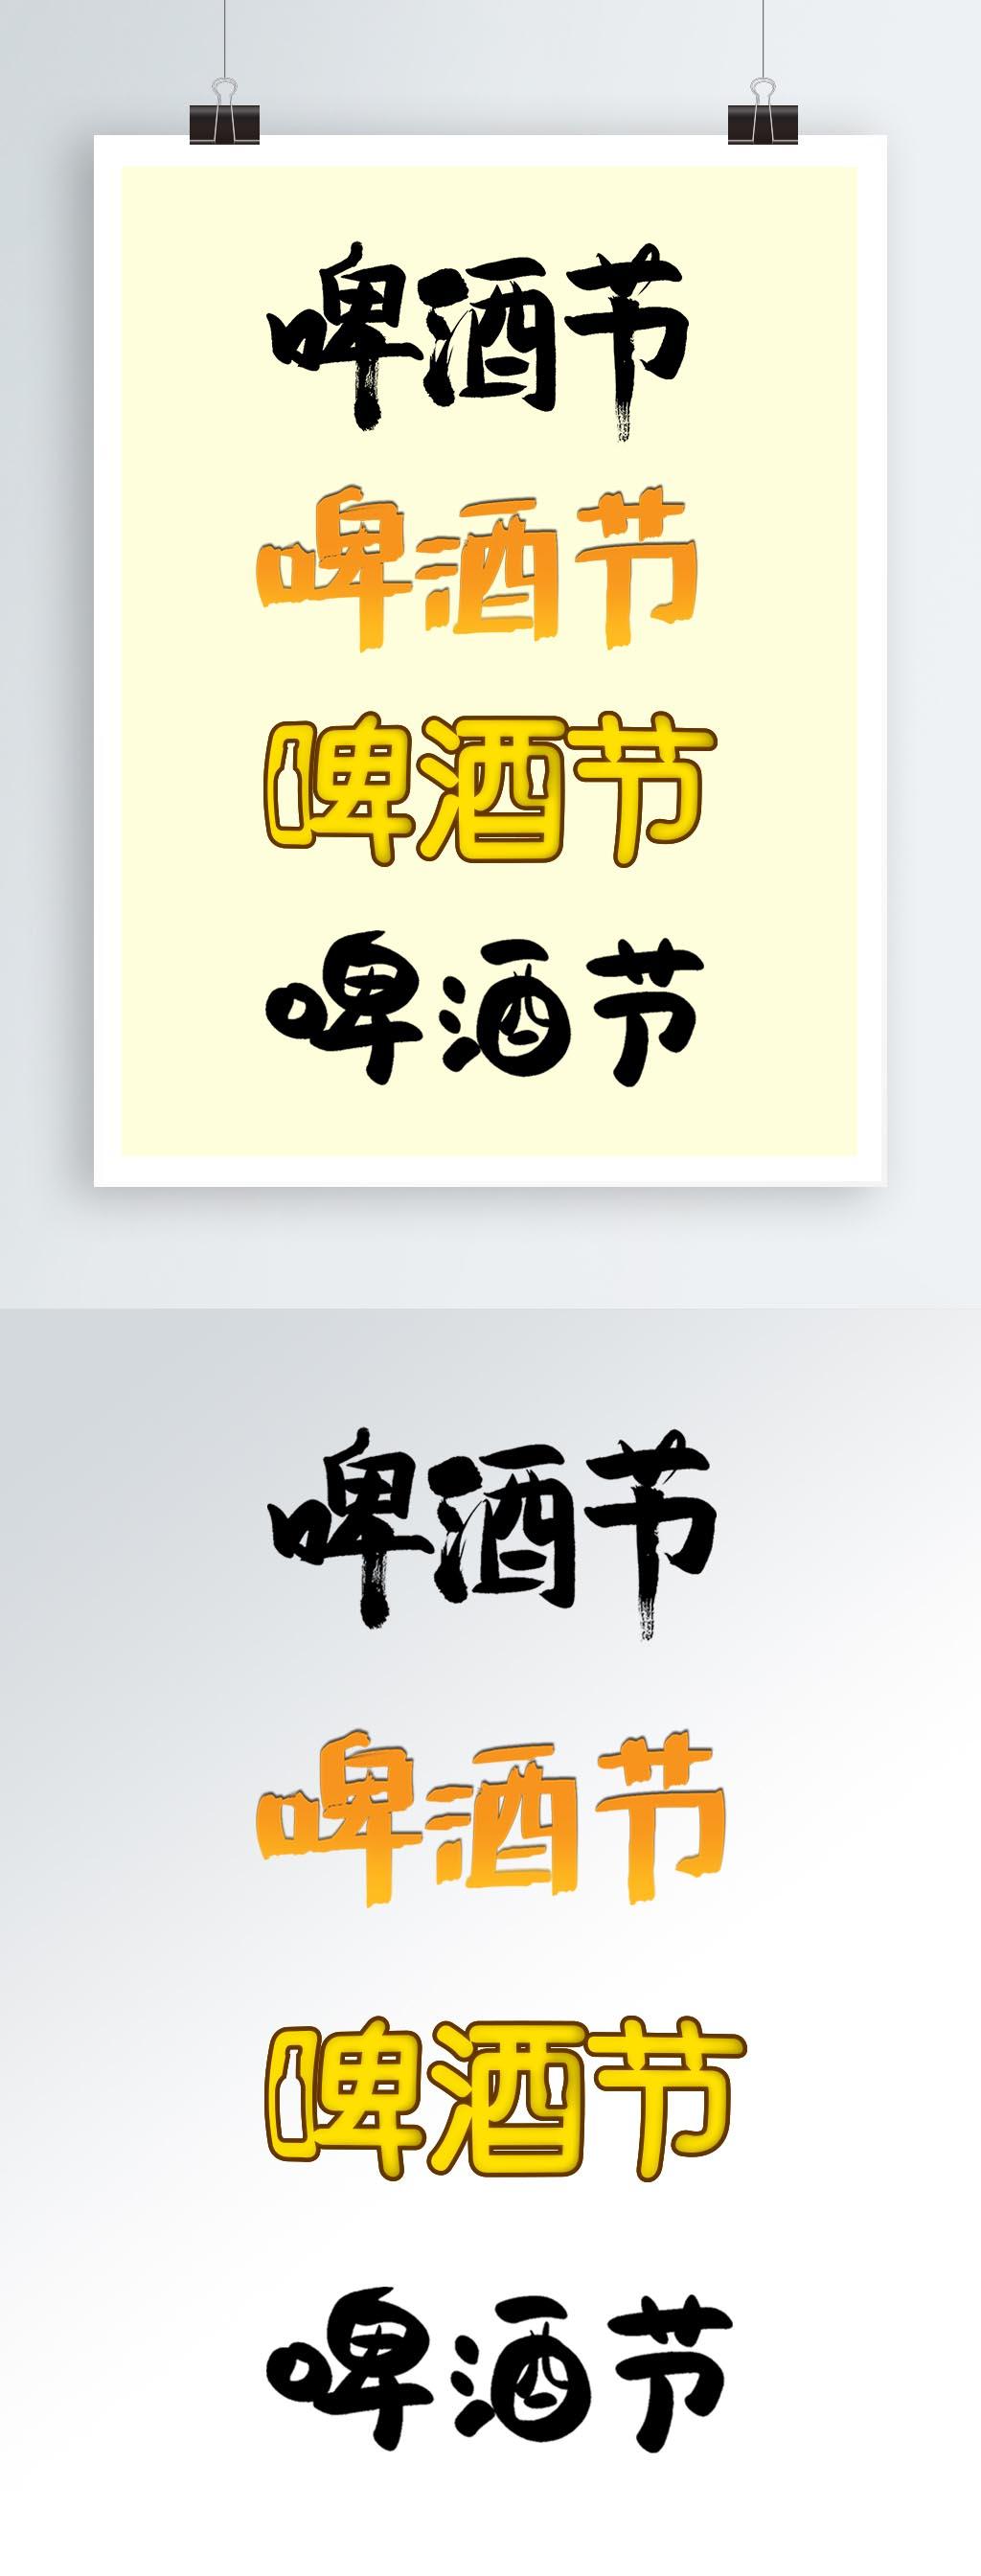 啤酒节字体设计手绘写体水墨风毛笔卡通字体